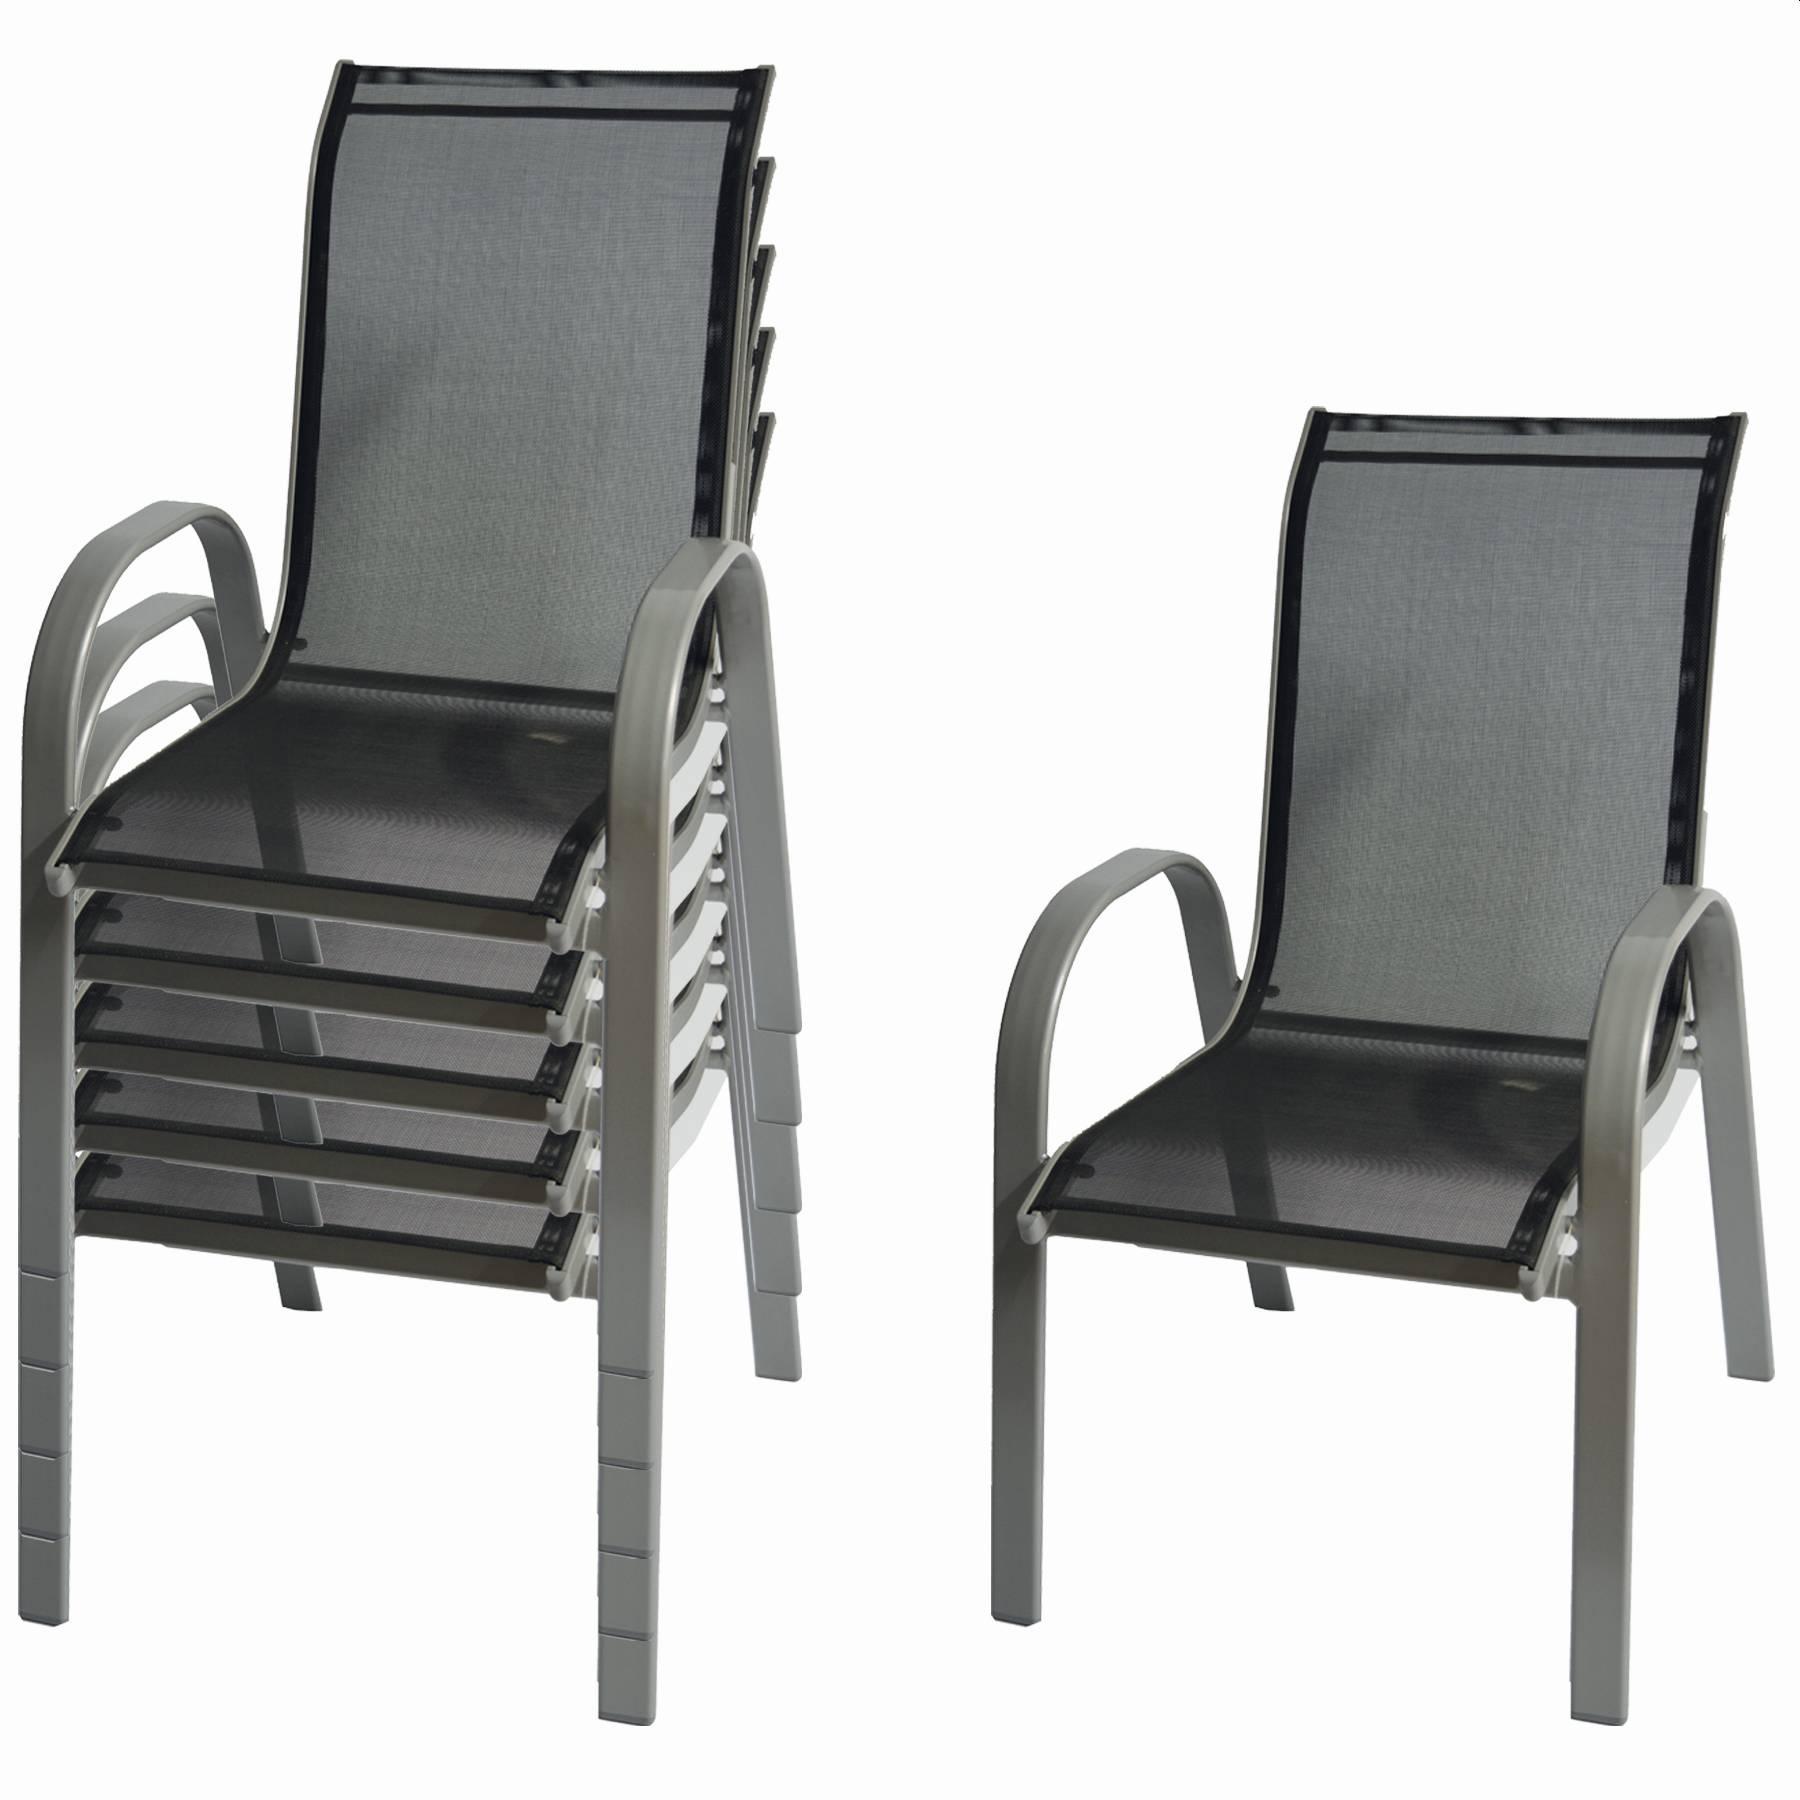 6-er Set Gartensessel Stapelstuhl starr nicht verstellbar aus Aluminium mit Textilene Bespannung